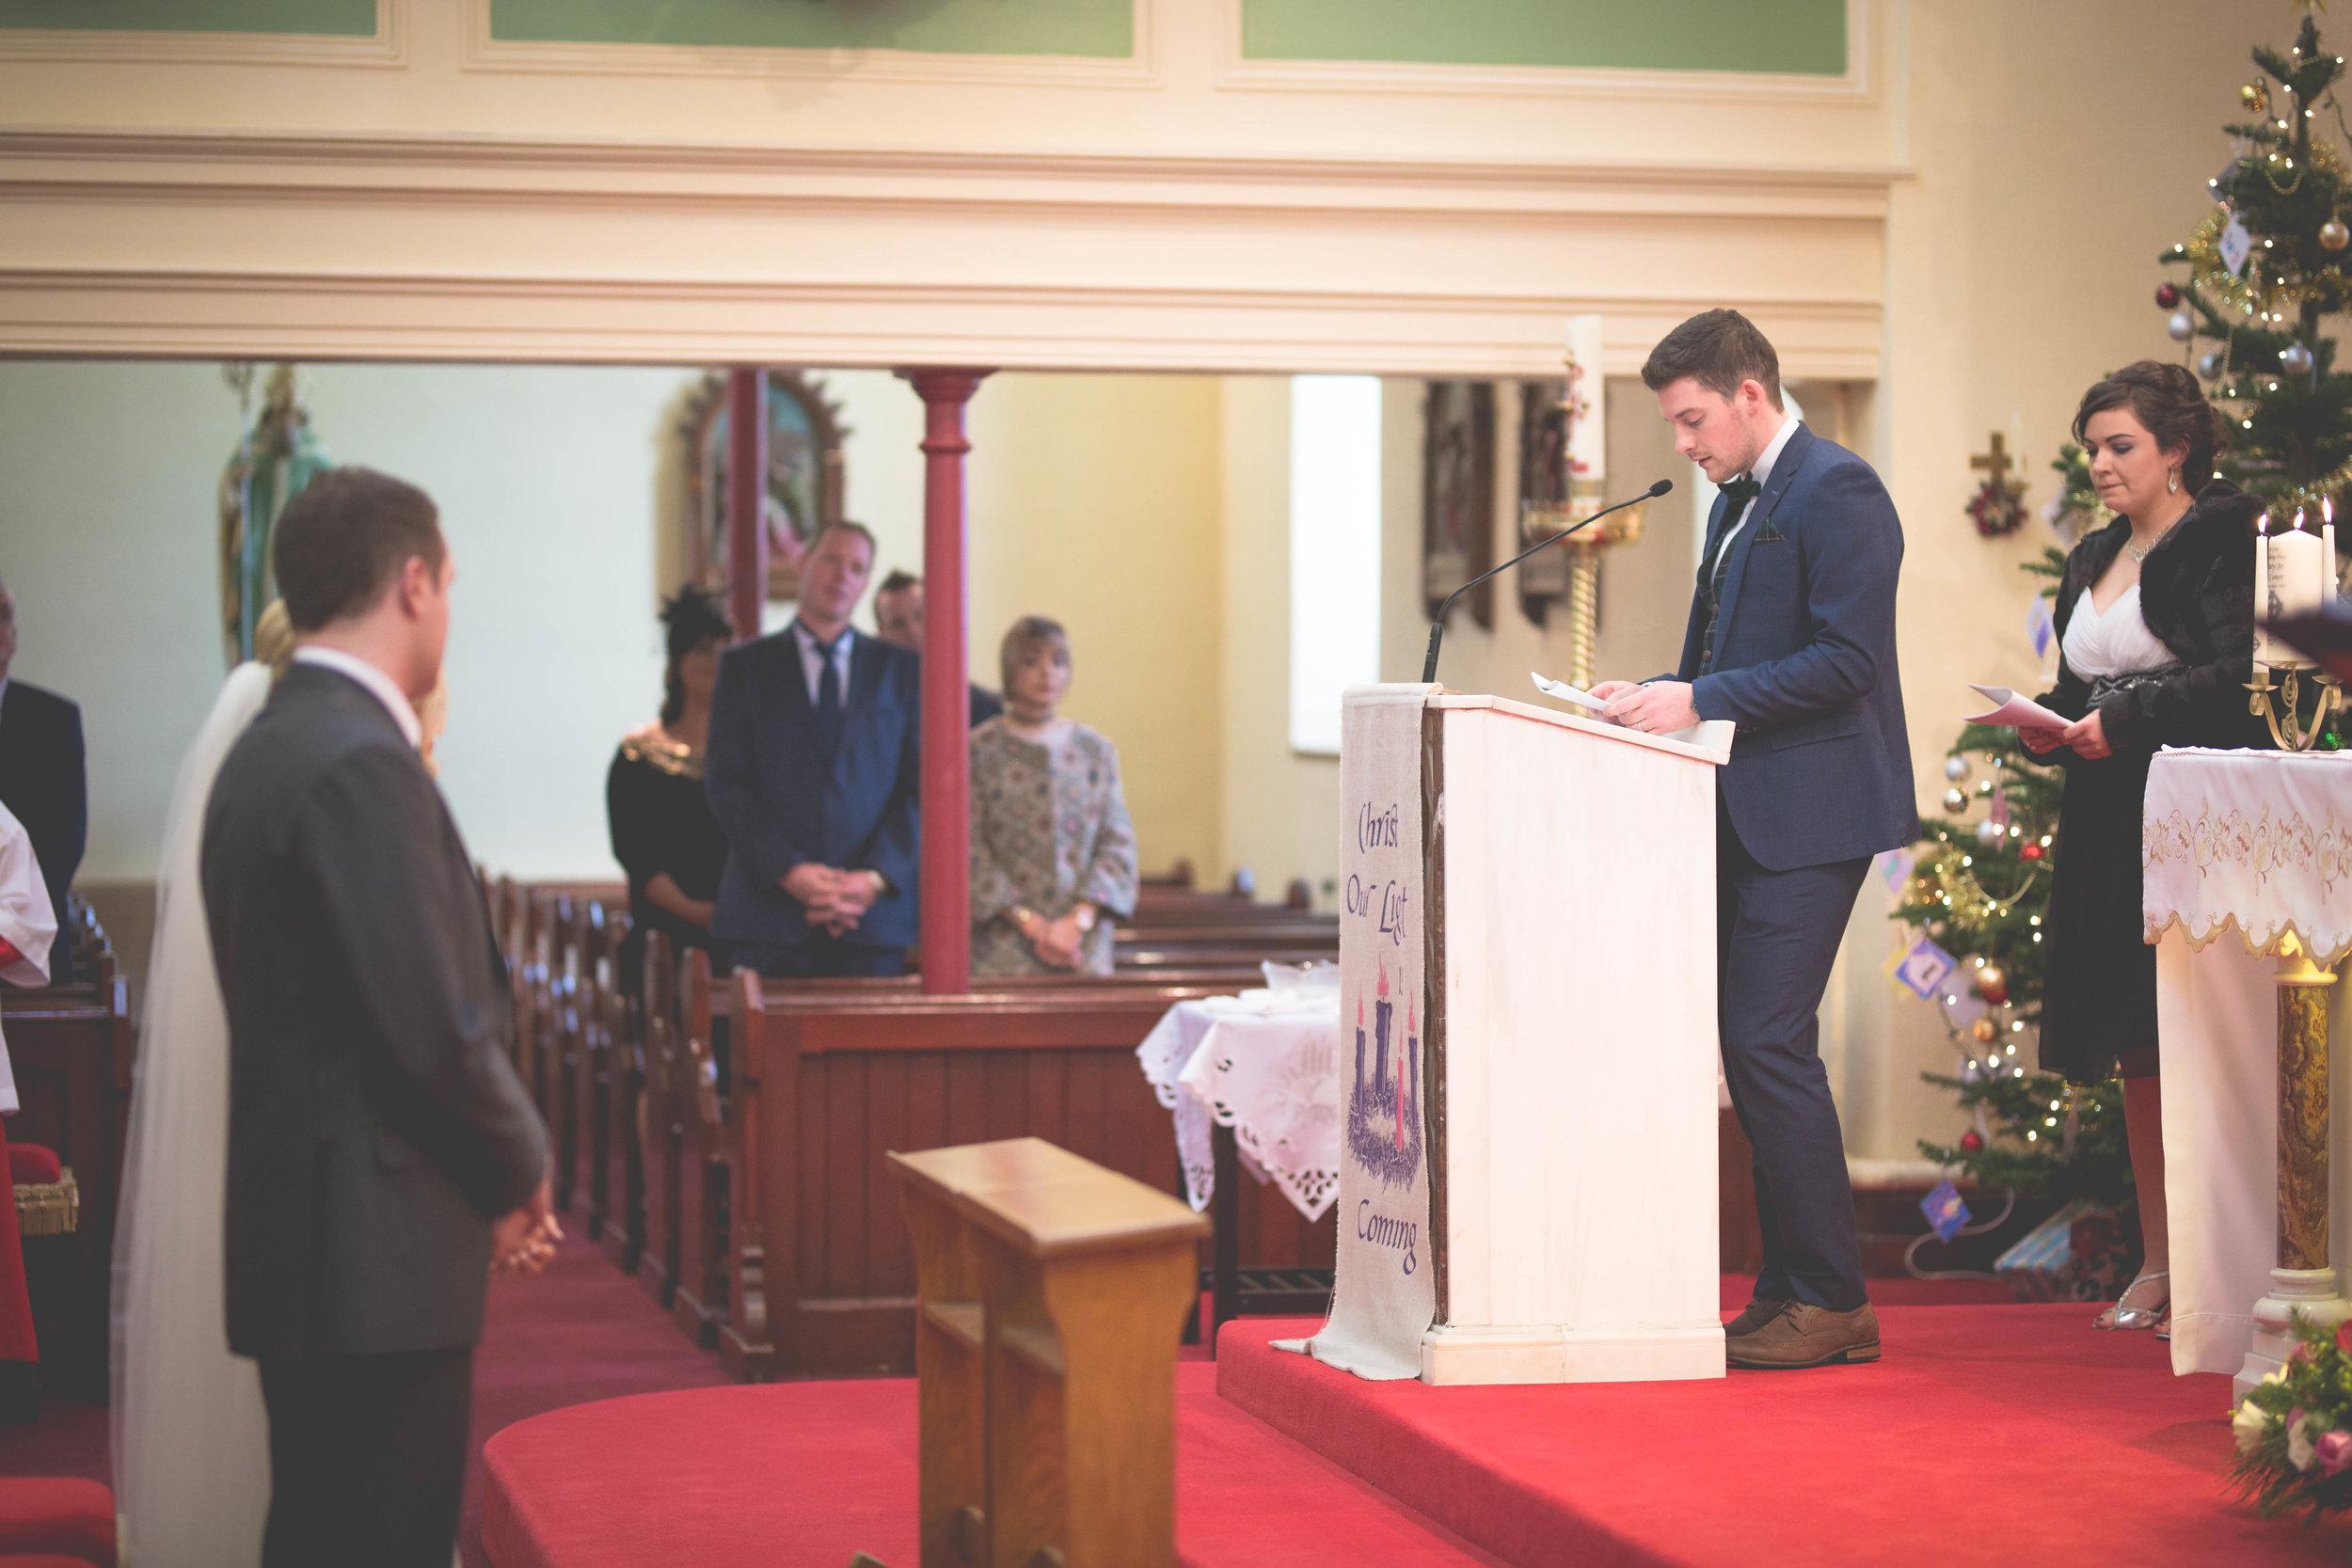 MaryJo_Conor_Mageean_Ceremony-77.jpg